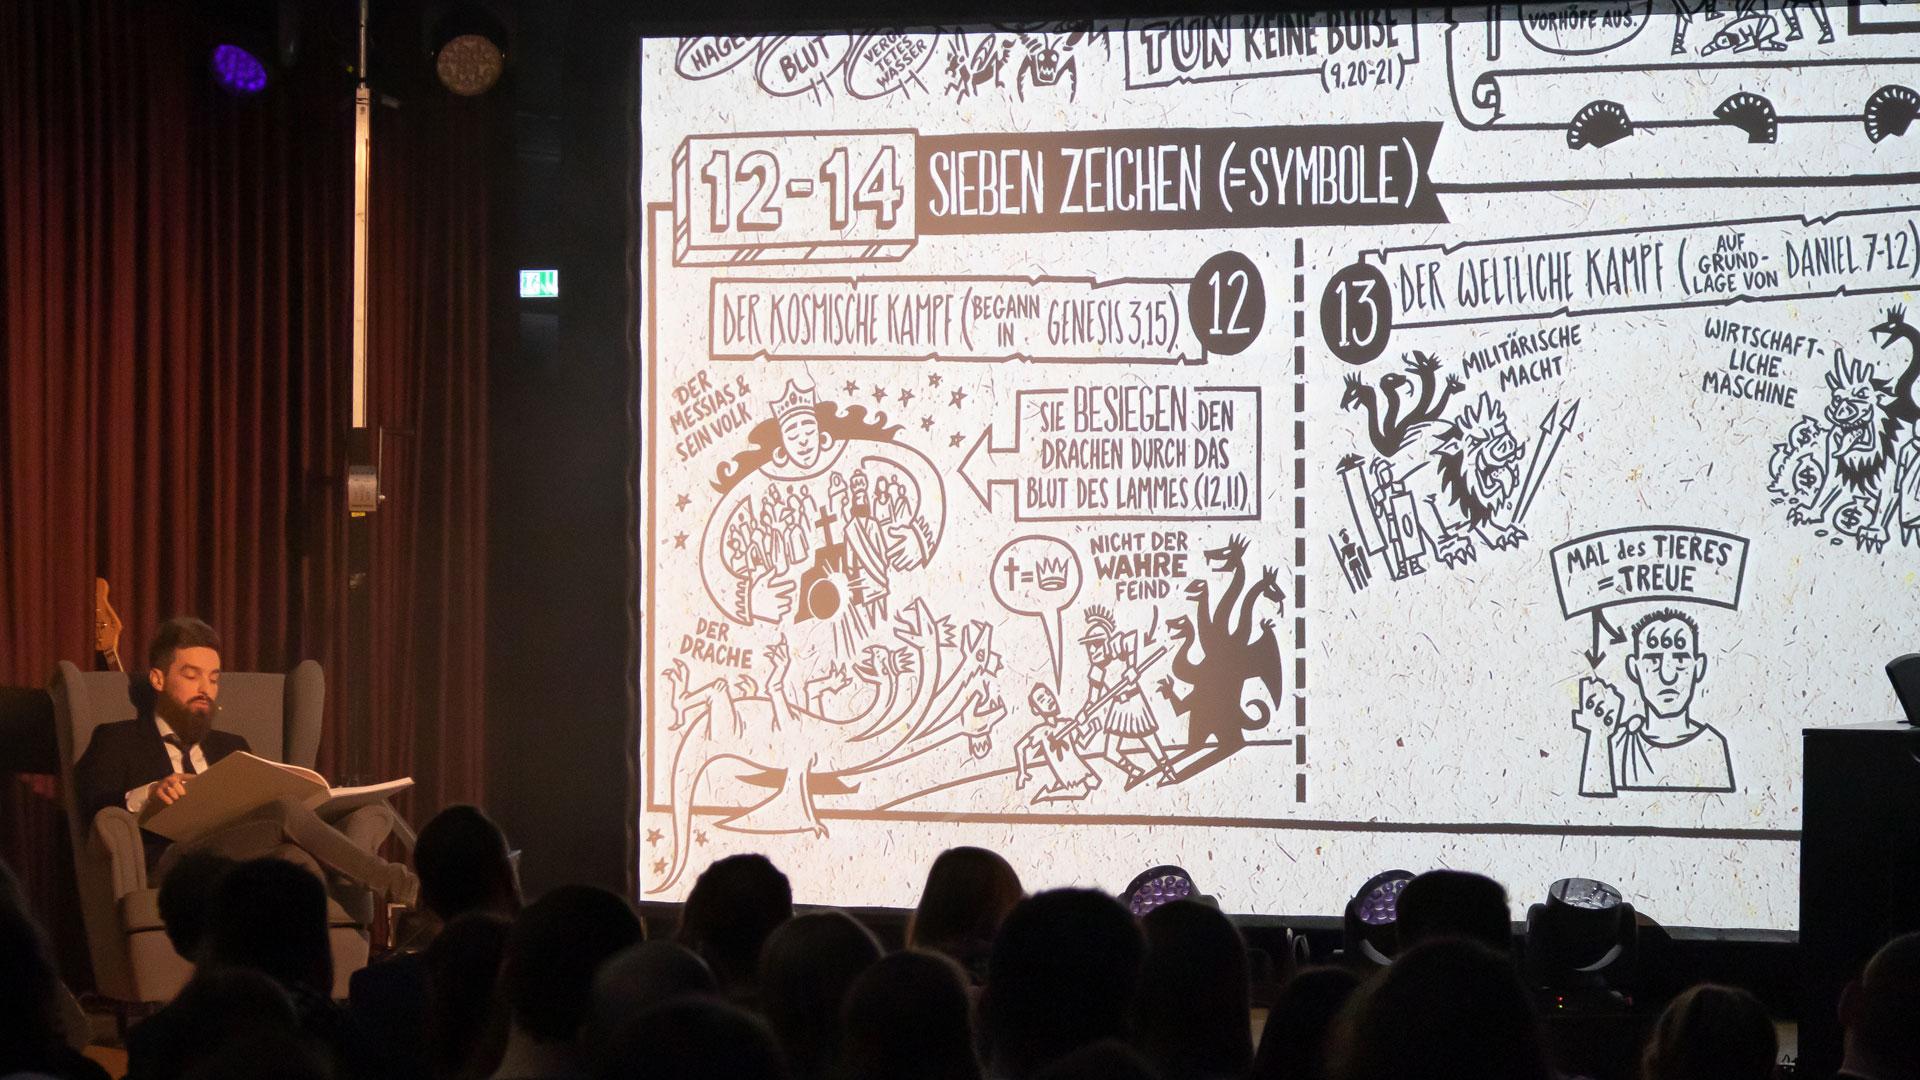 Der Sprecher Eduard Regehr liest live zum Video der Offenbarung